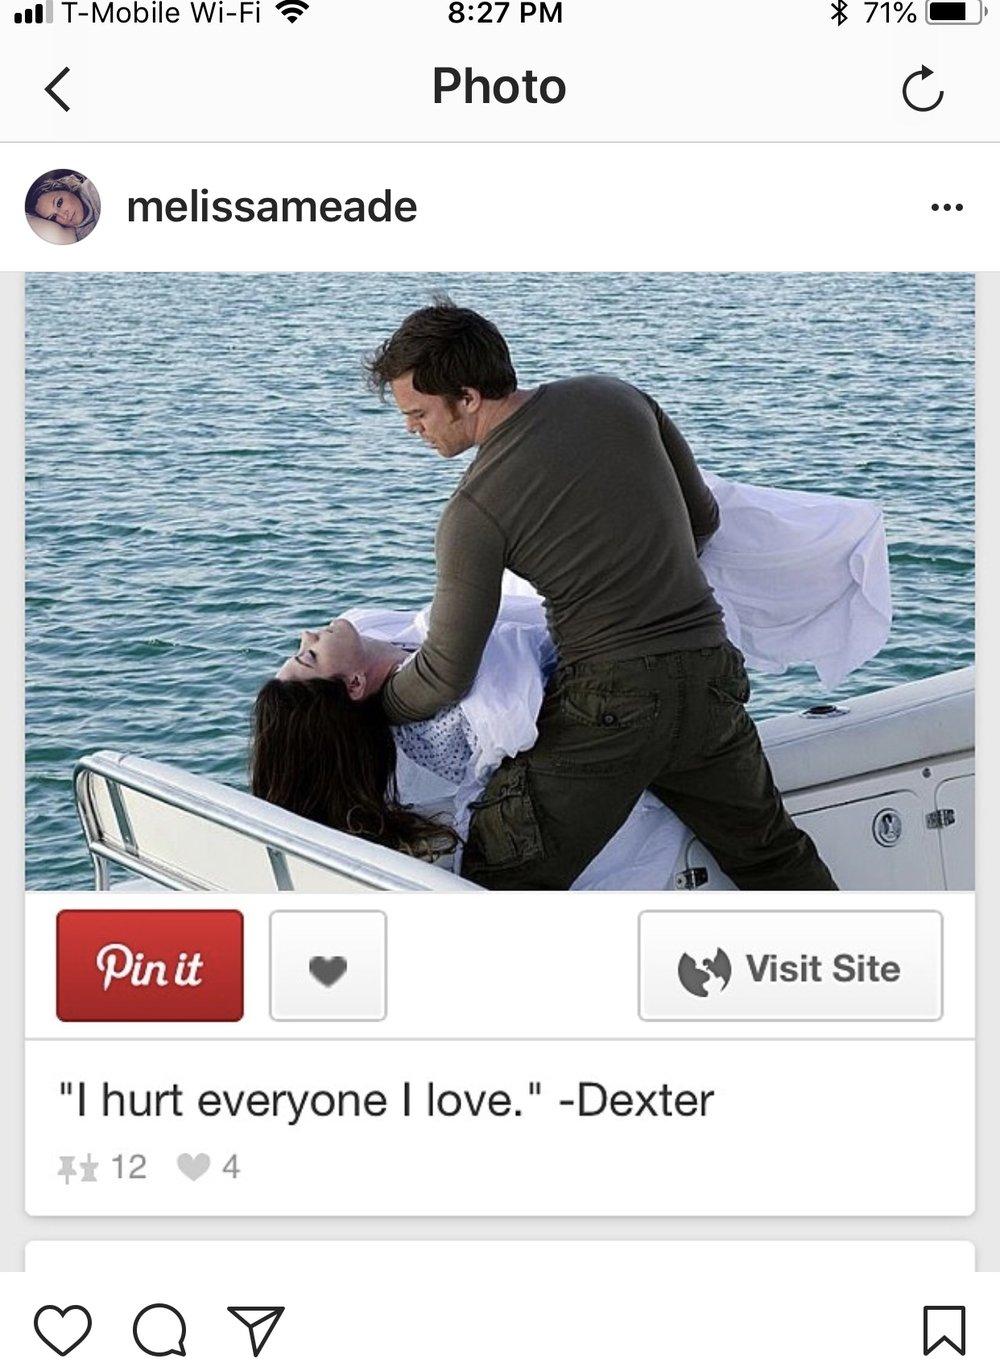 Dexter <3 - Heard it is making a comeback.